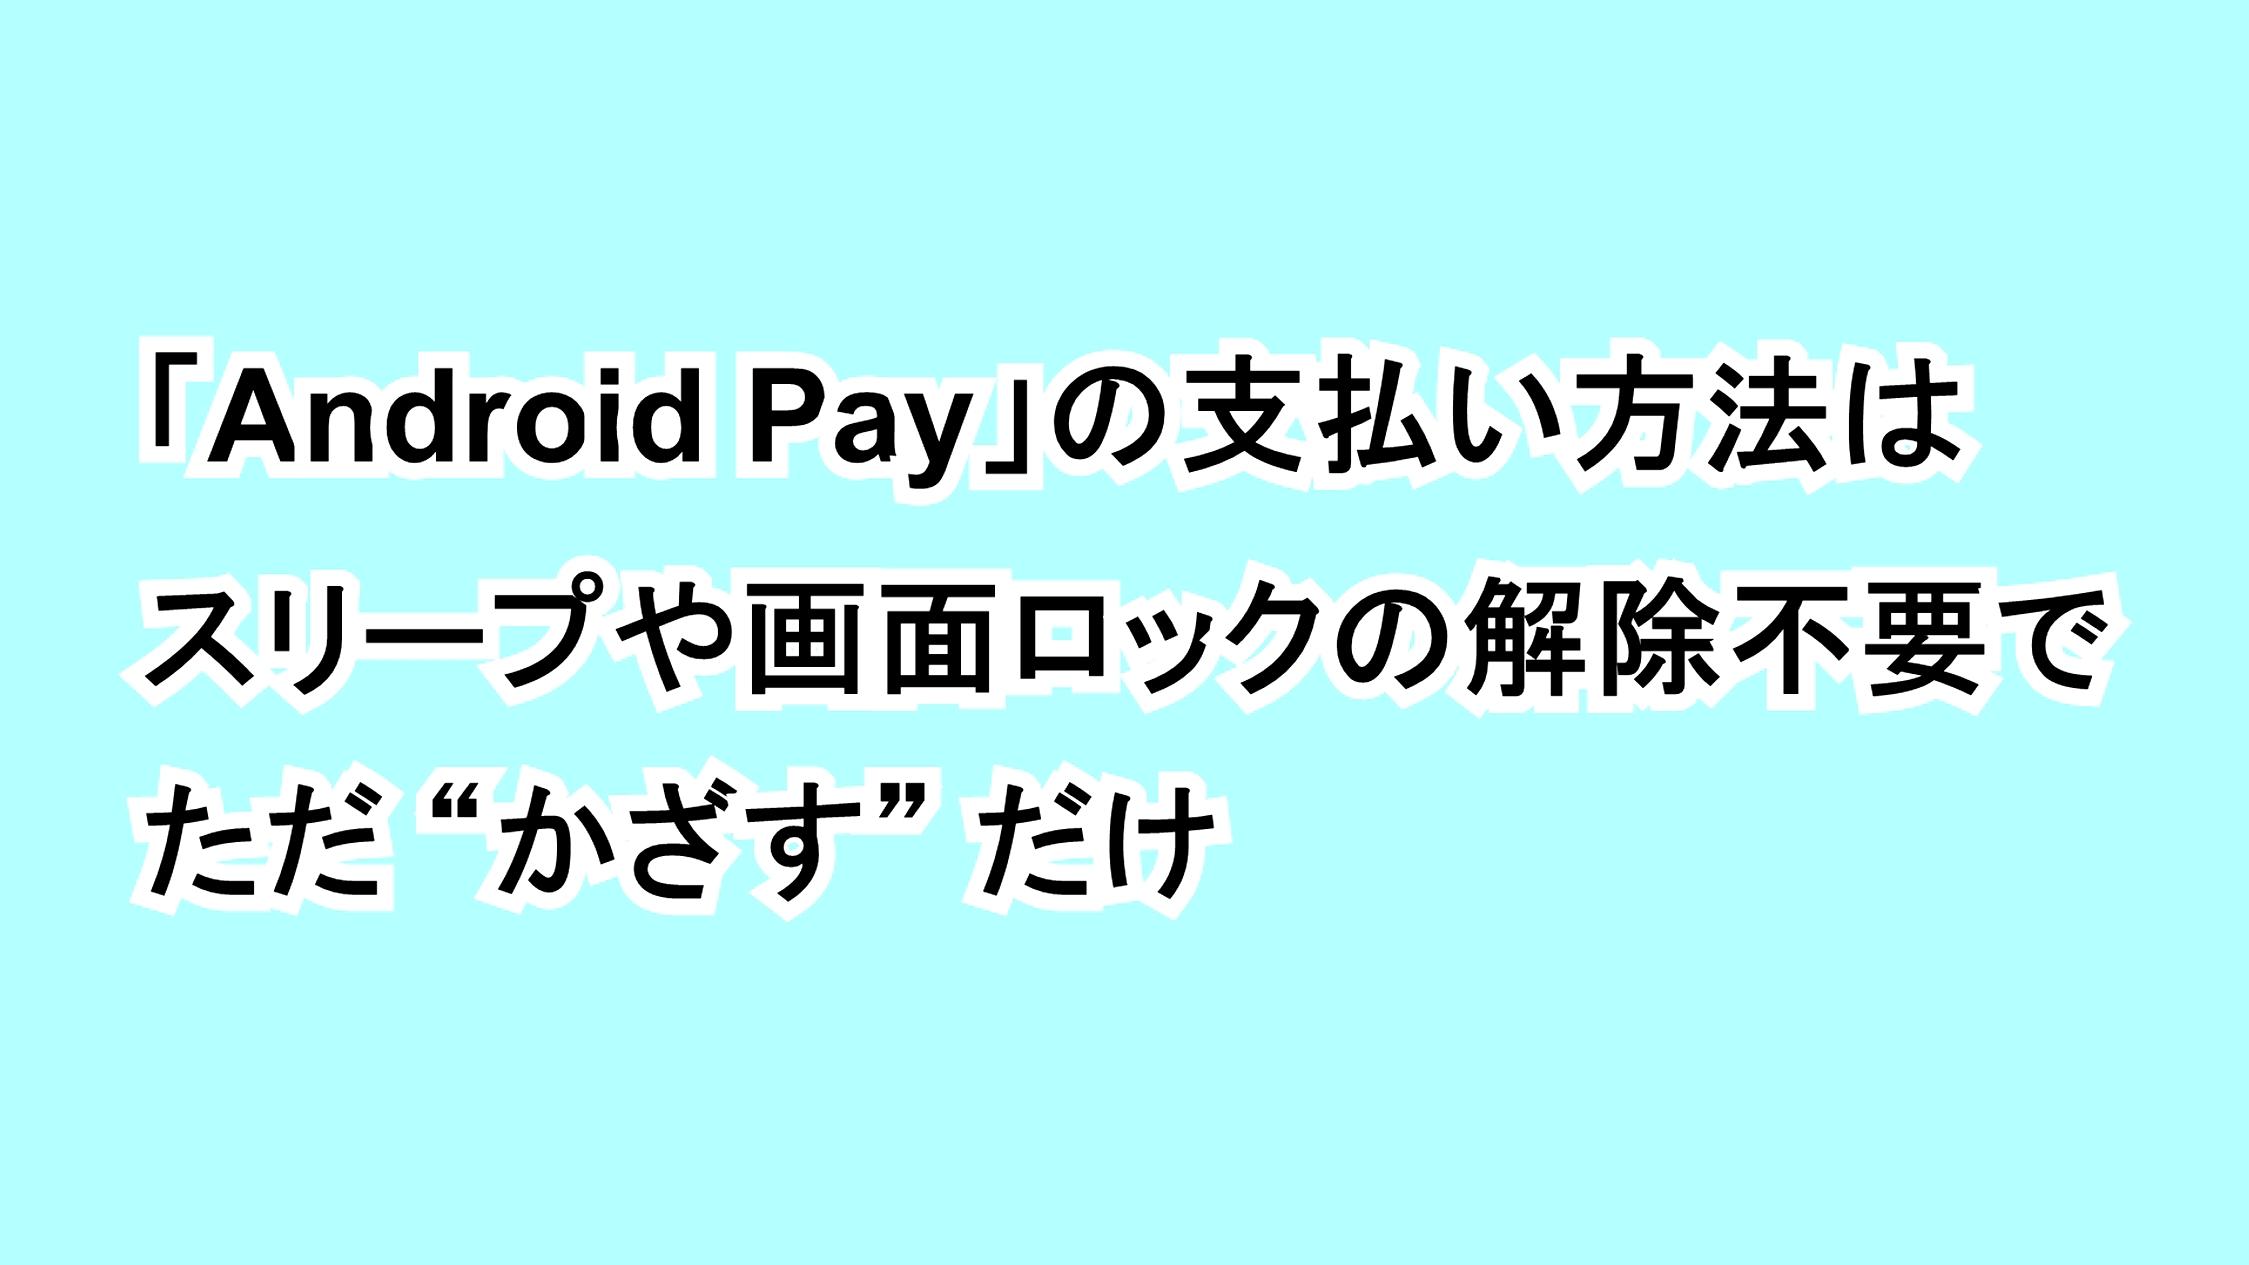 """「Android Pay」の支払い方法はスリープや画面ロックの解除不要でただ""""かざす""""だけ"""